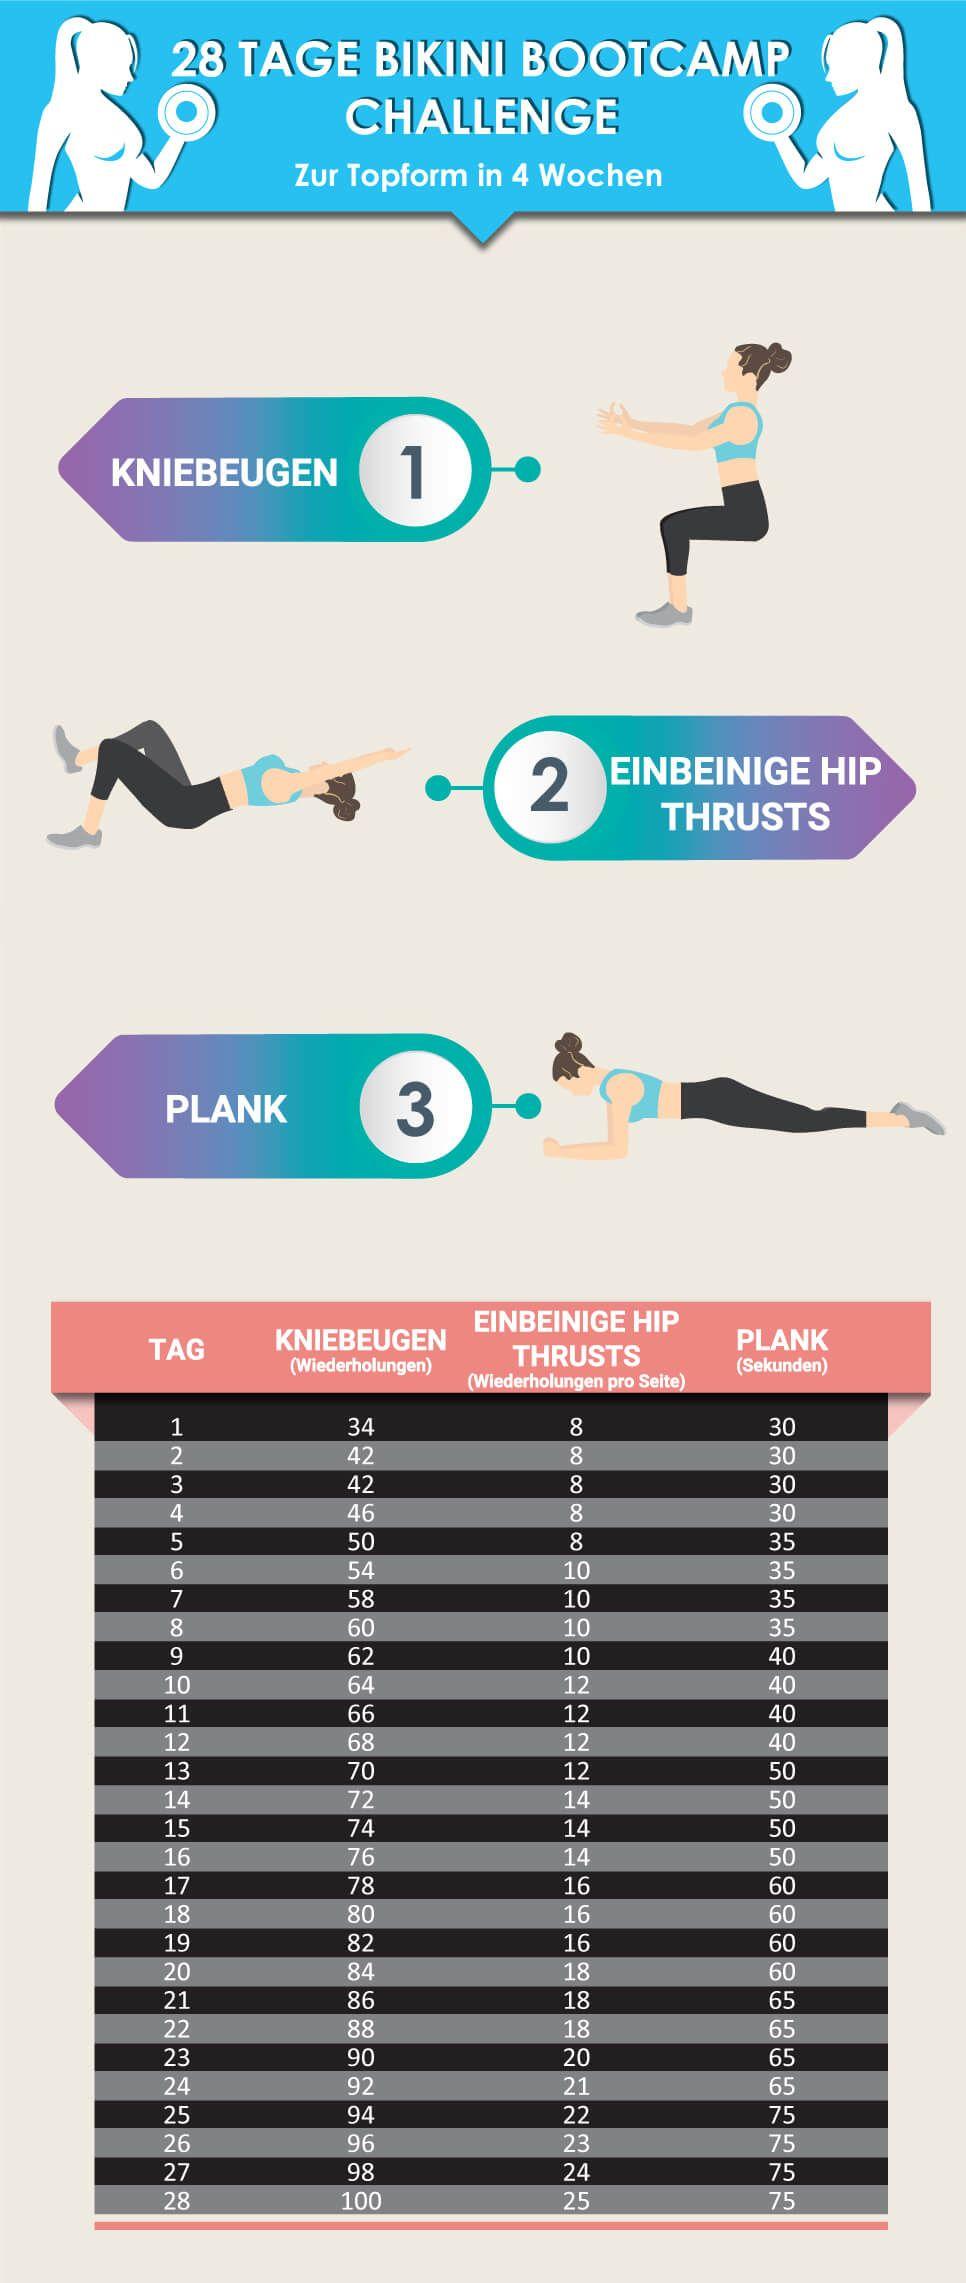 Bikinifigur Trainingsplan Bauch Beine Workout Fur Zuhause Fitness Challenge Schnell Und Gesund Abnehmen Training Mit Eigenem Korpergewicht